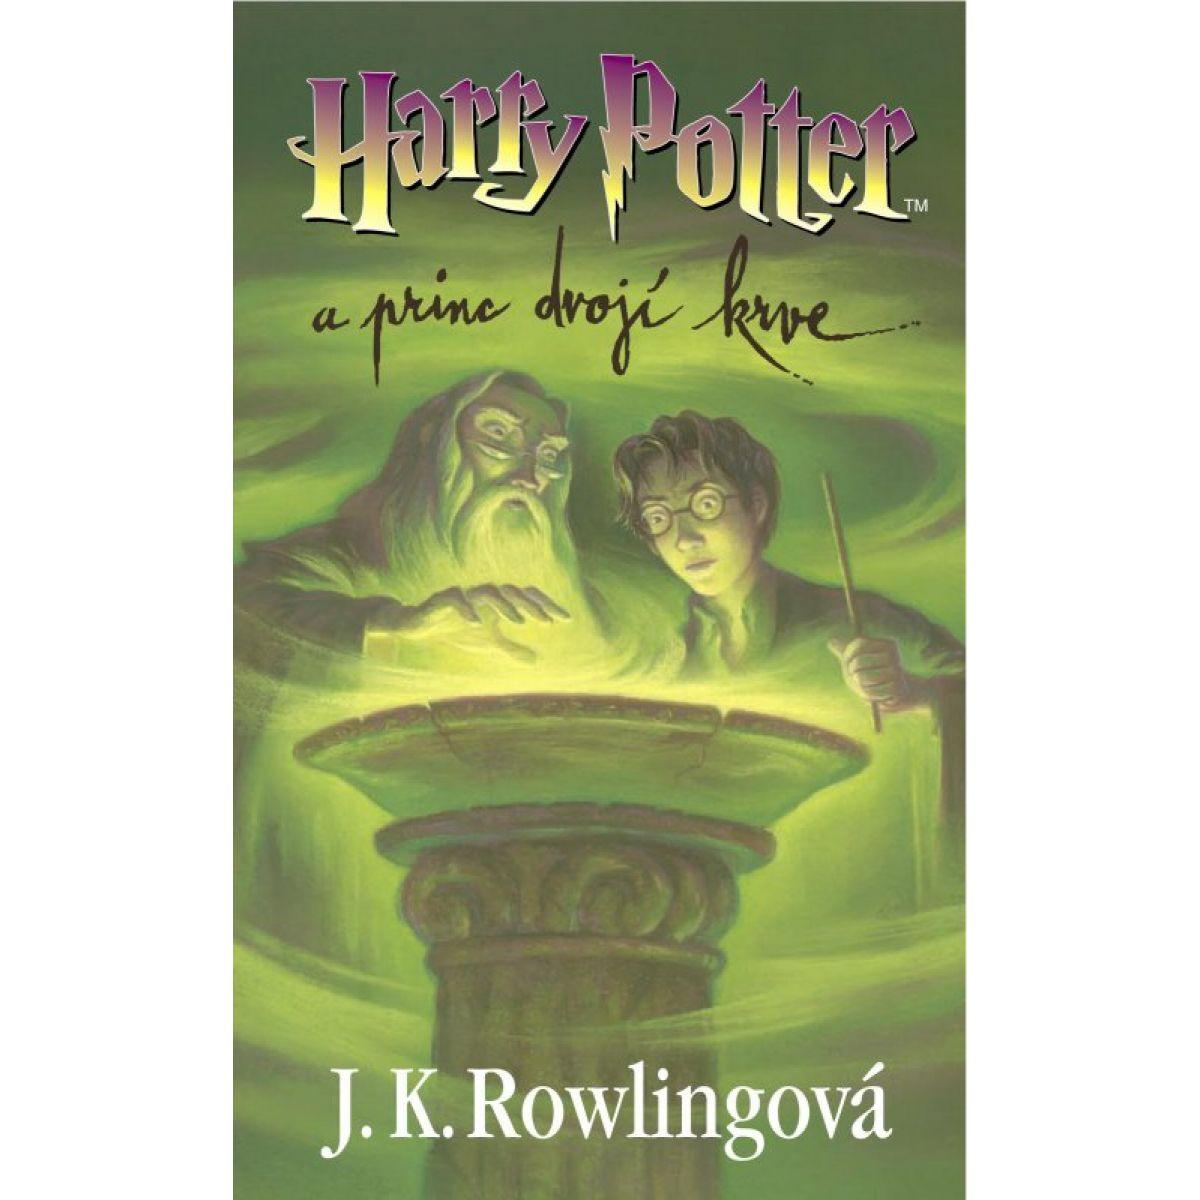 Harry Potter a princ dvojí krve - J.K. Rowlingová